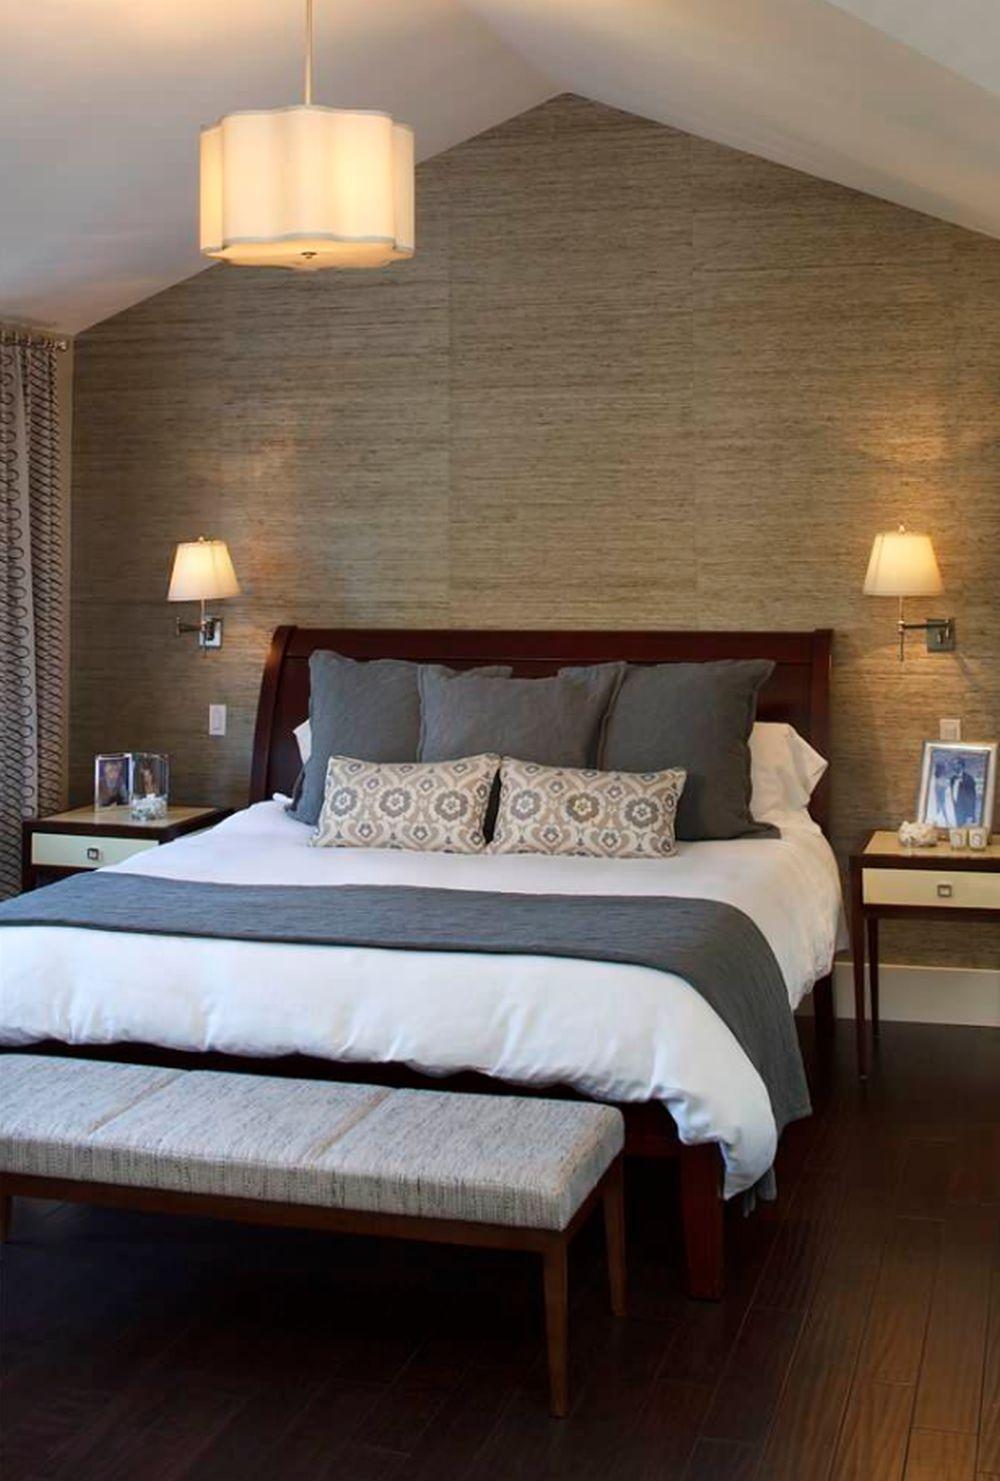 Lenjeria albă o poți combina cu o pătură de accent peste pilotă, perne asortate păturii și perne decorative ca și pată de culoare.